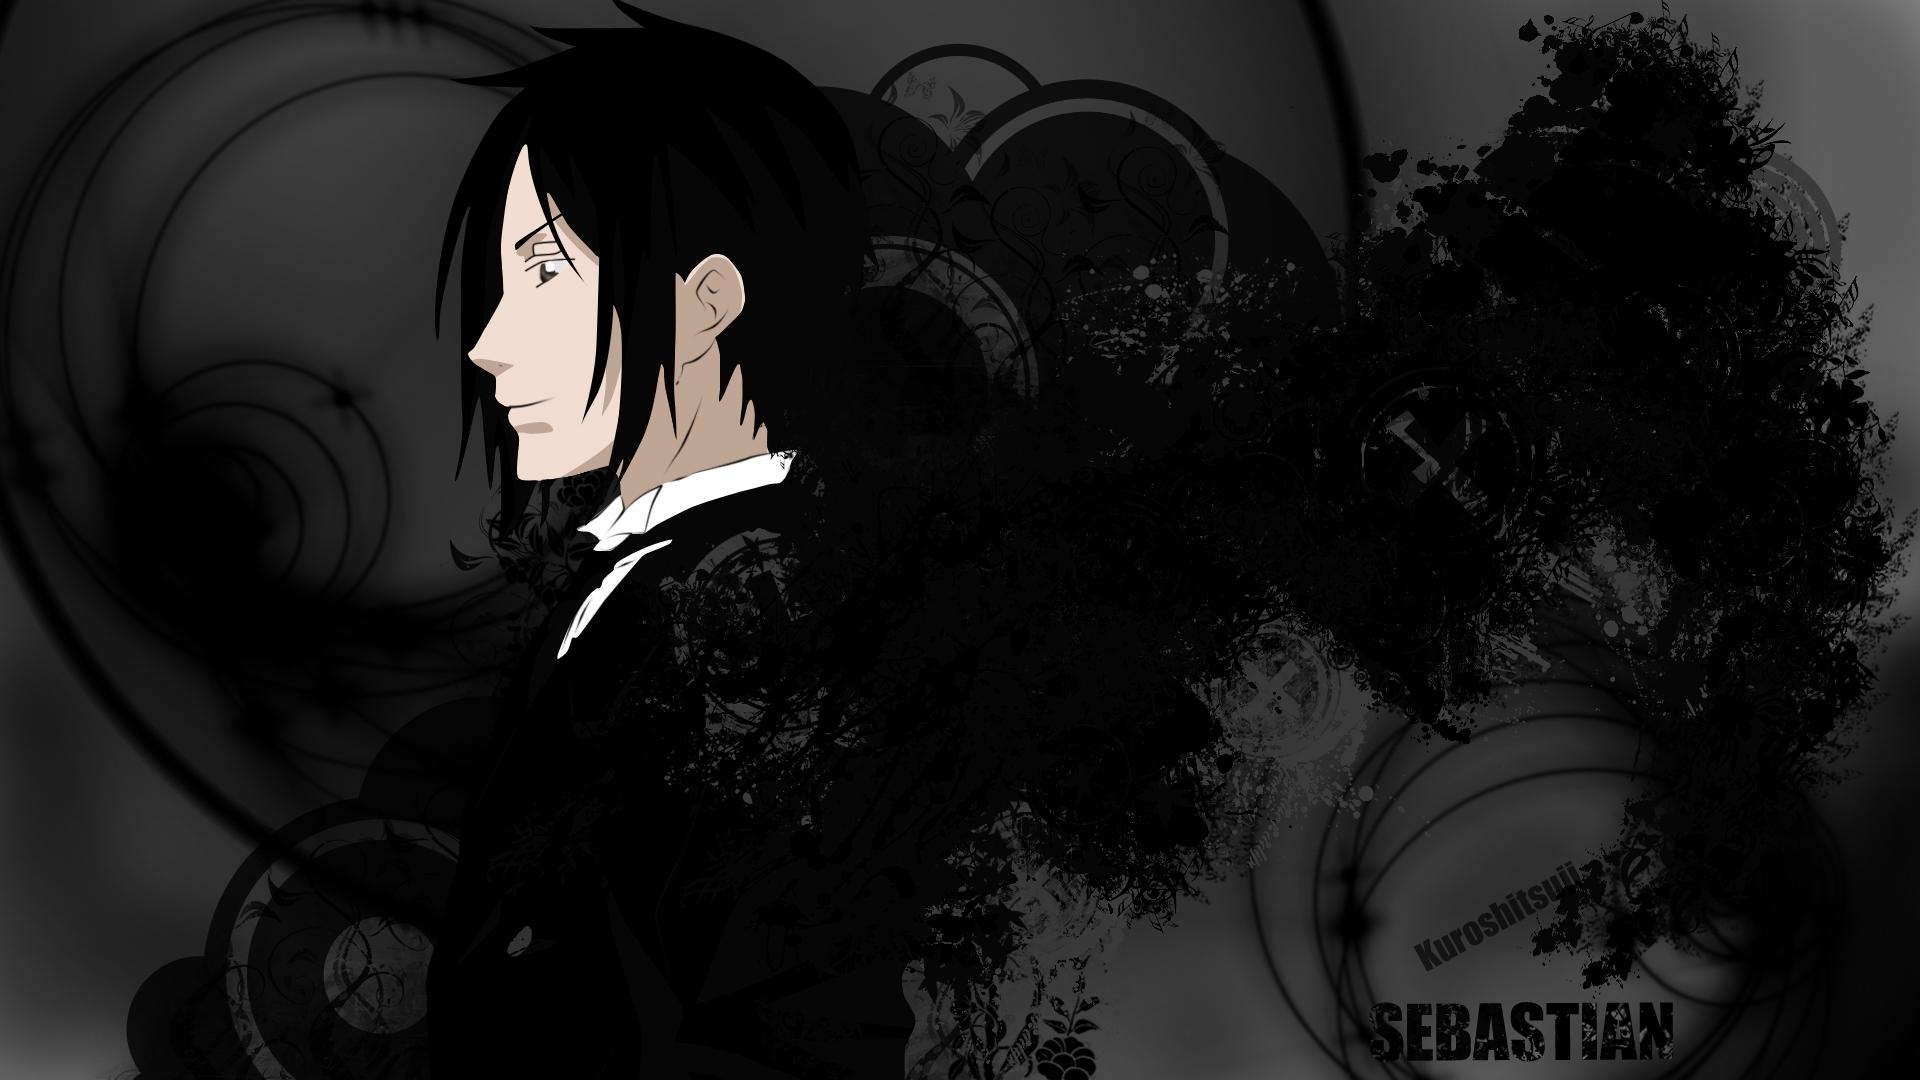 download free black butler sebastian background. | pixelstalk